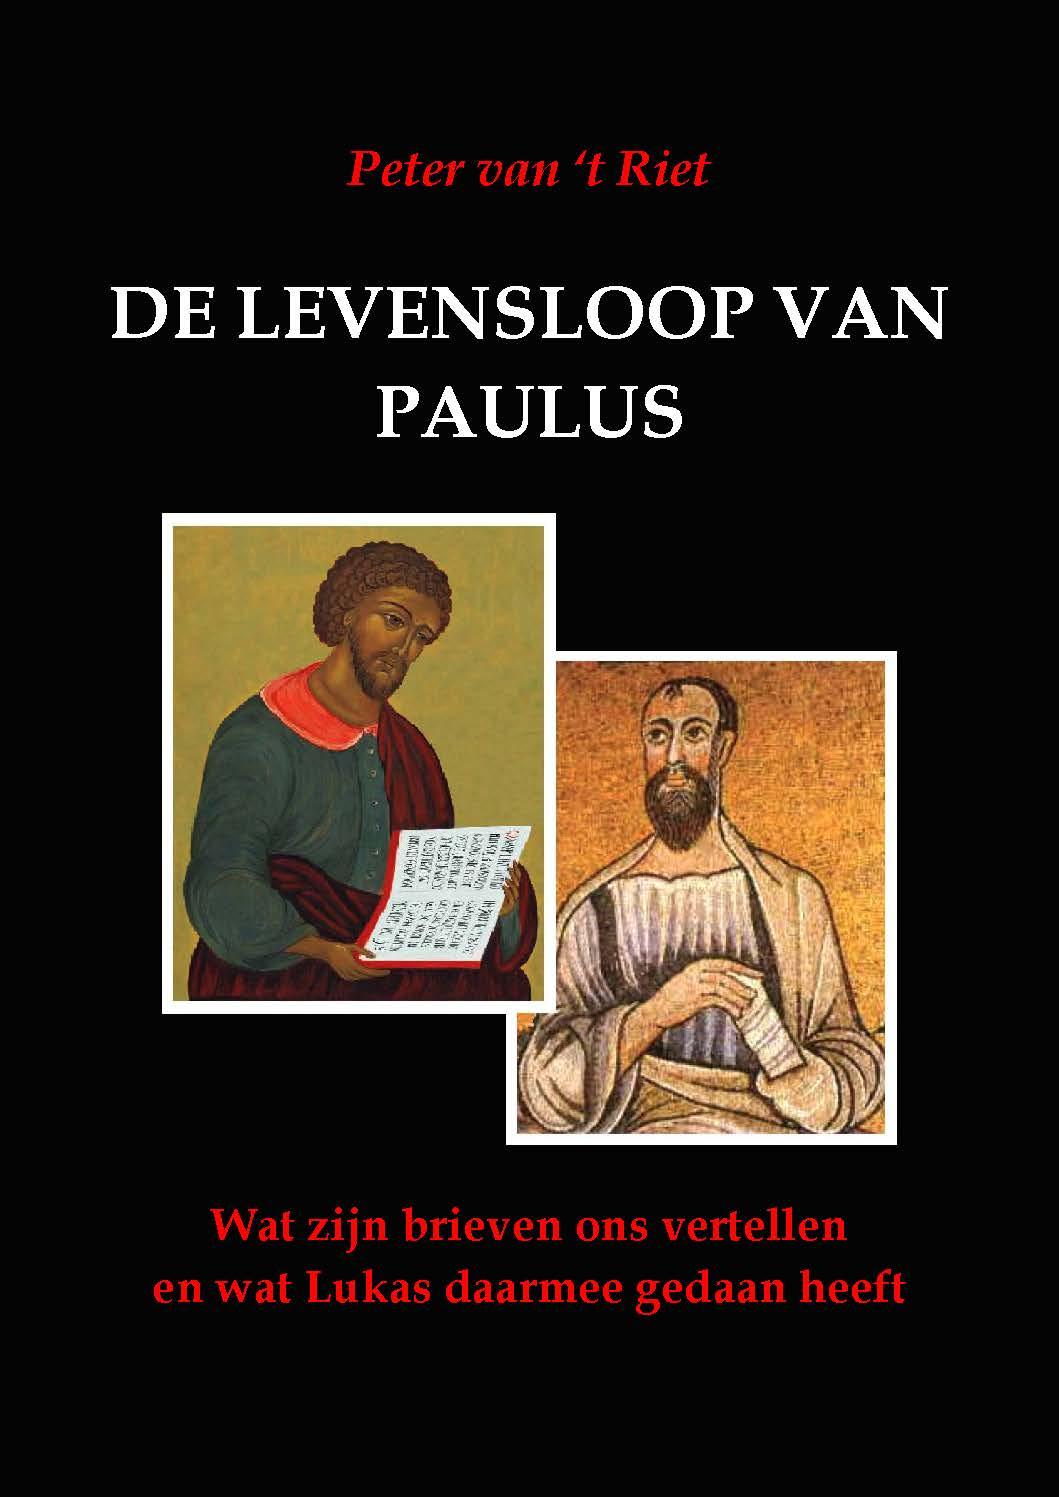 De levensloop van Paulus